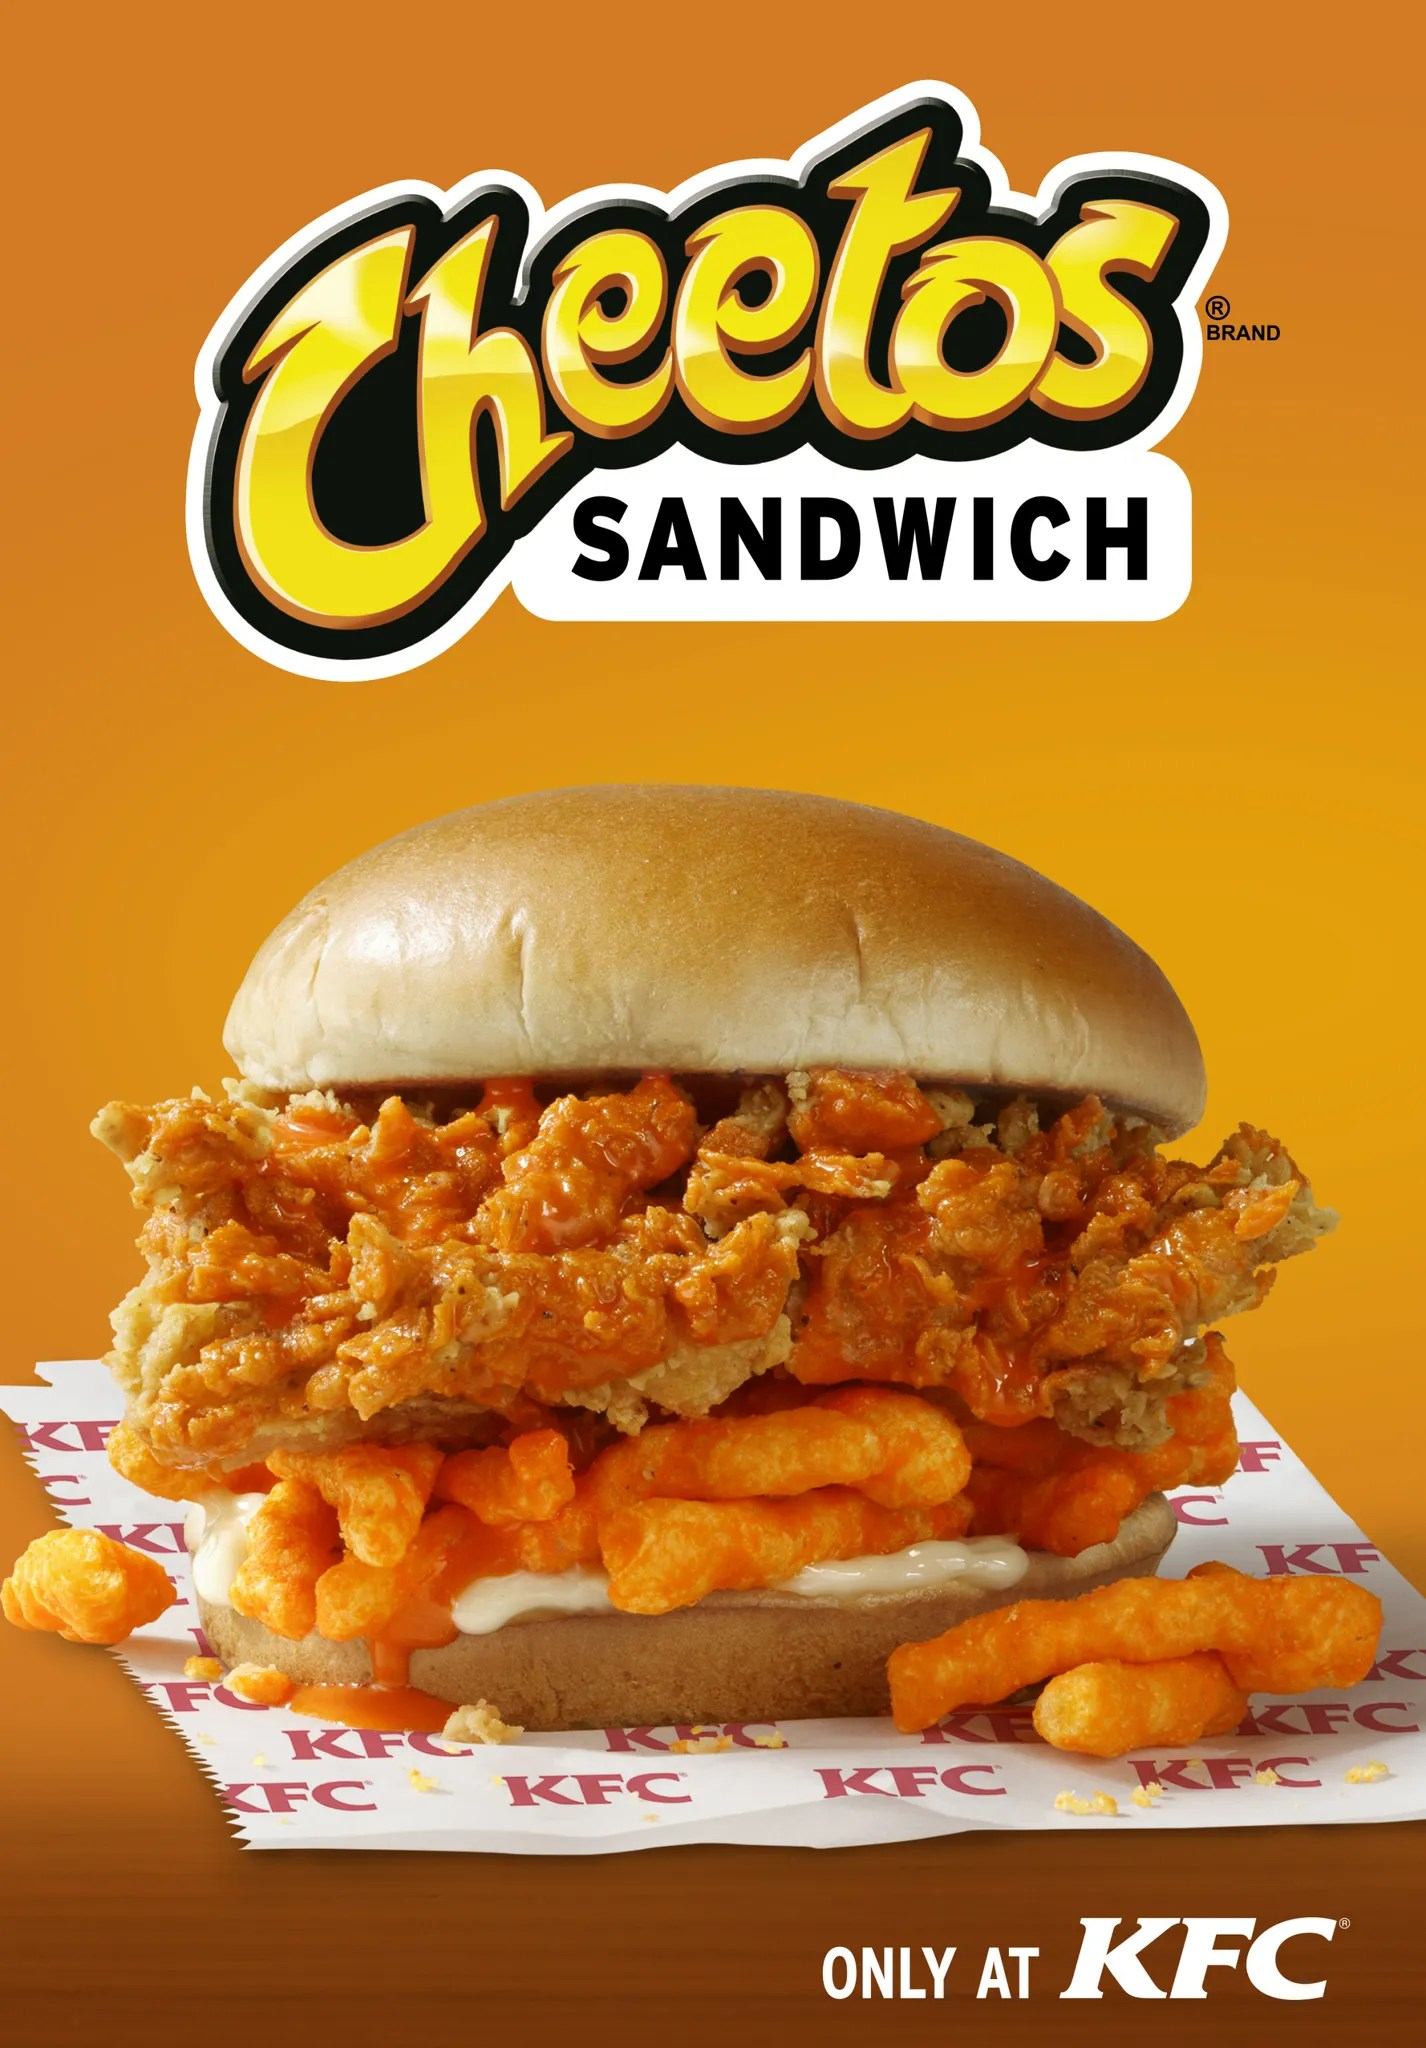 kfc cheetos sandwich is